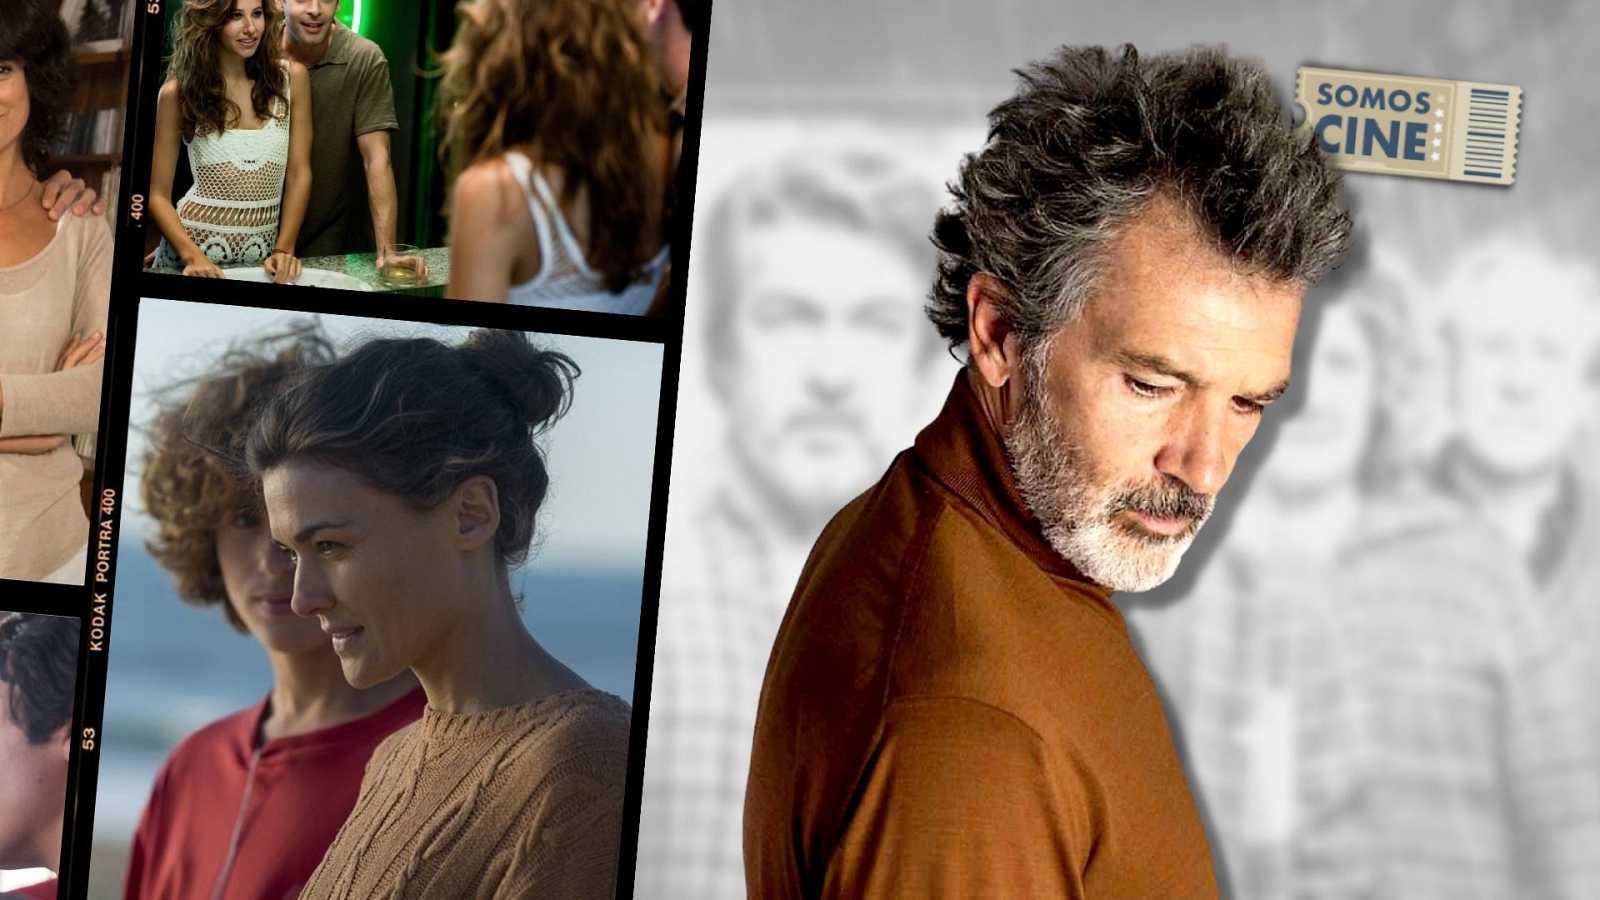 Las mejores películas para ver en octubre en Somos Cine